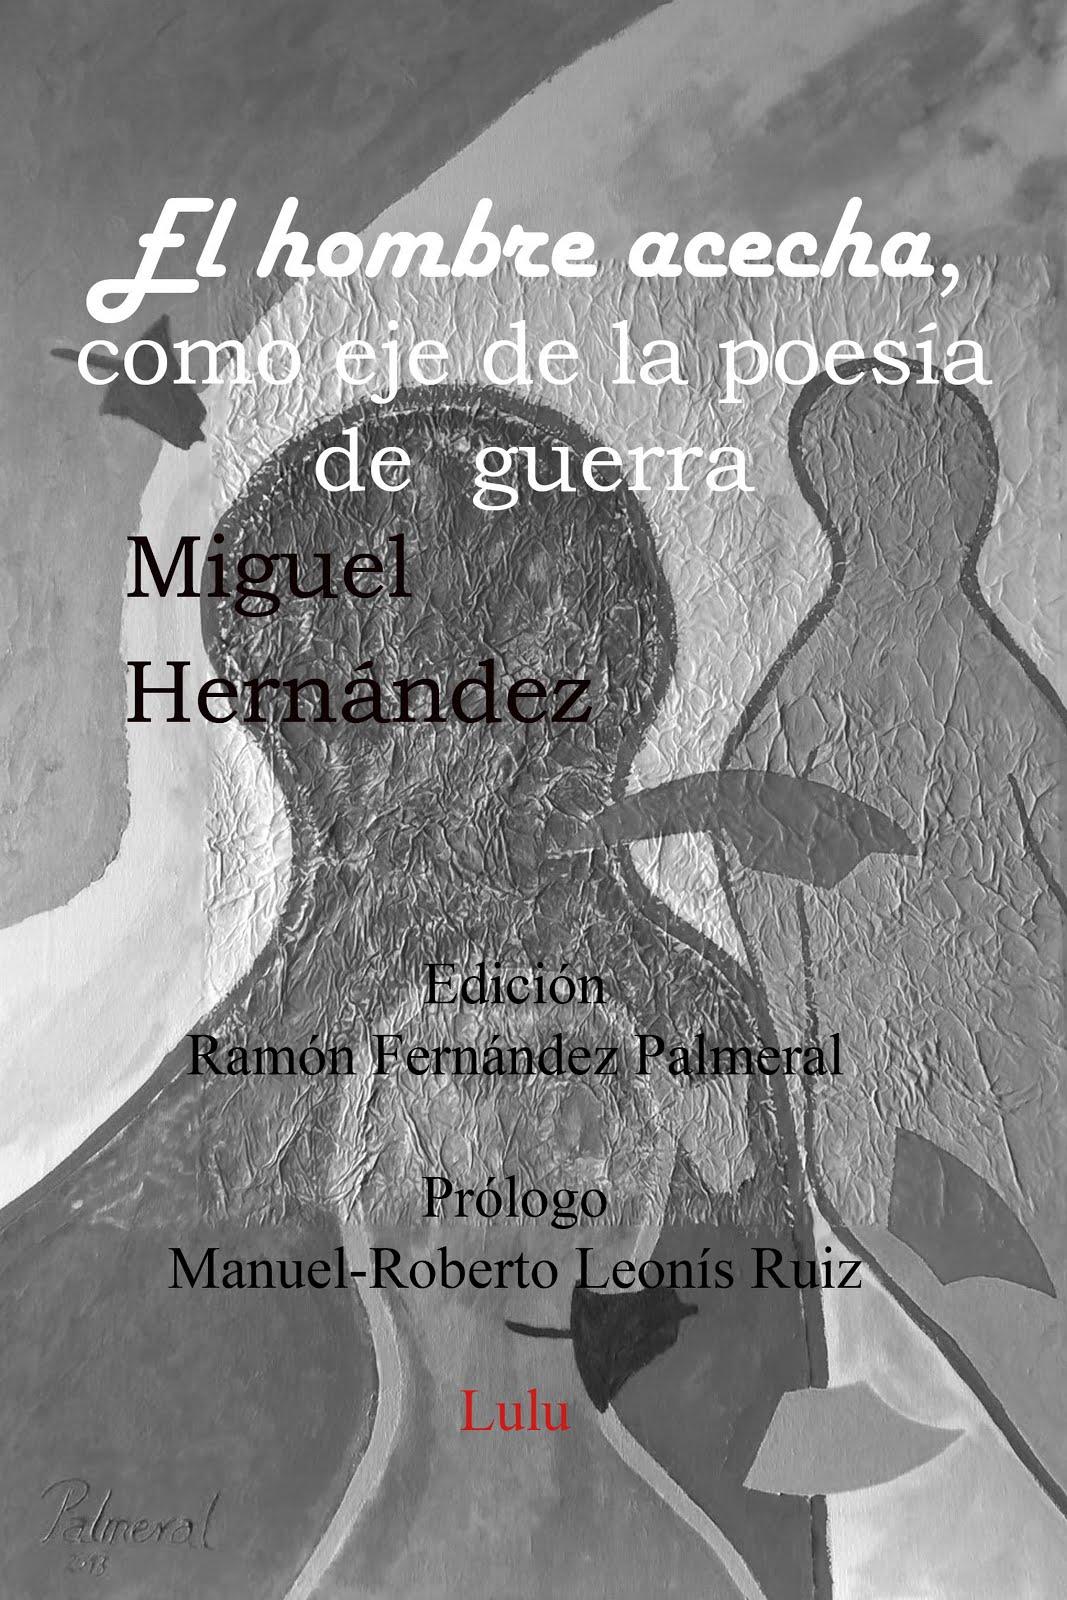 El hombre acecha, como eje de la poesía de guerra